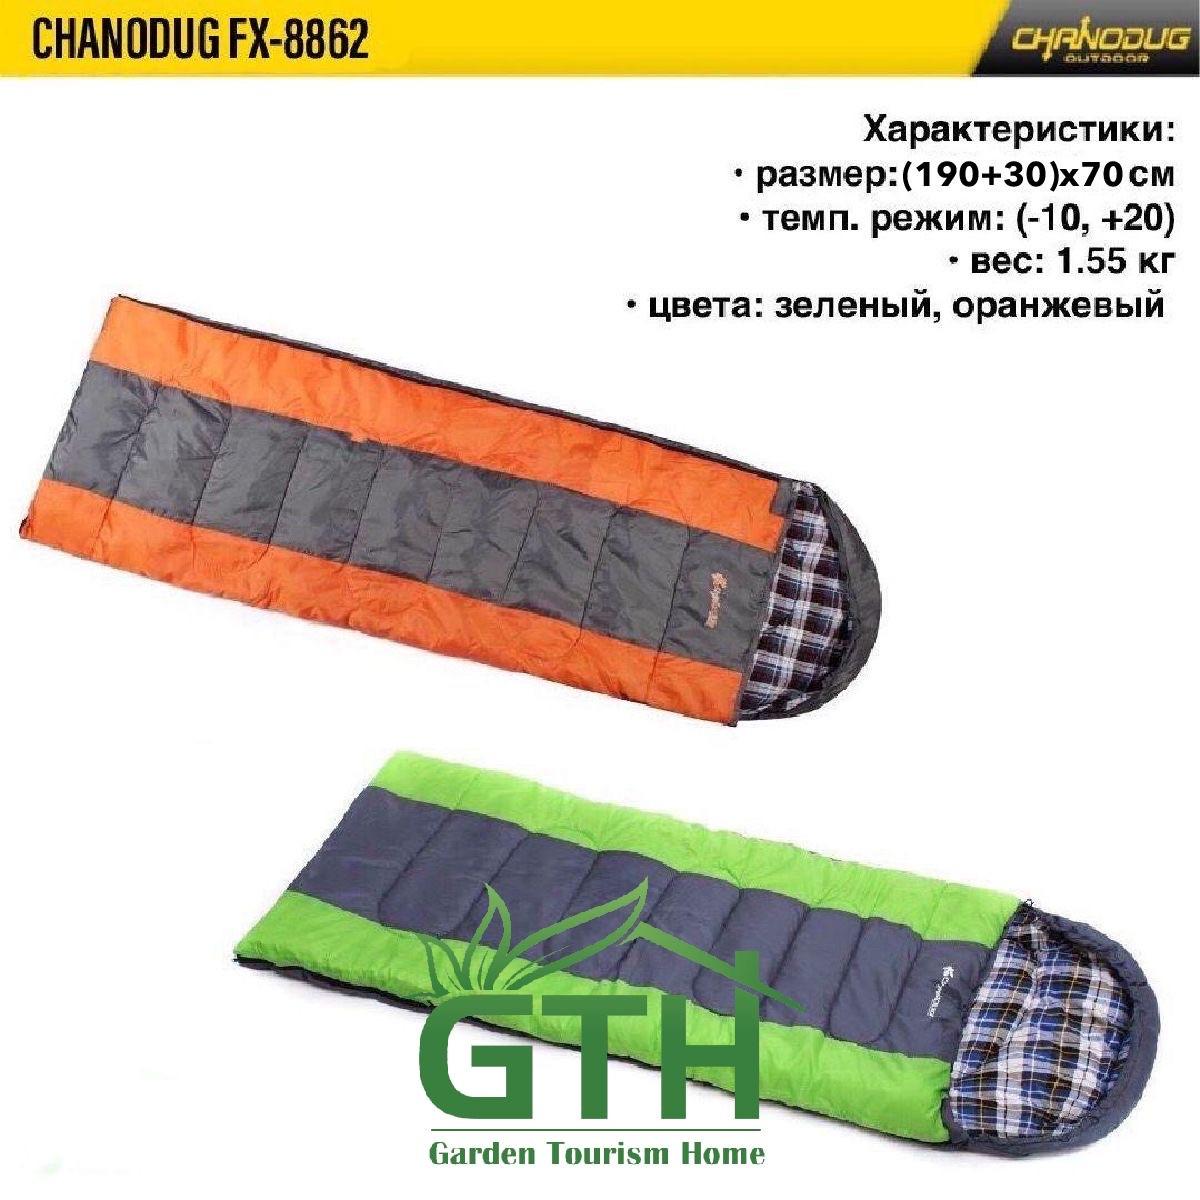 Демисезонные спальные мешки Chanodug FX-8862. До -10°. Доставка. - фото 1